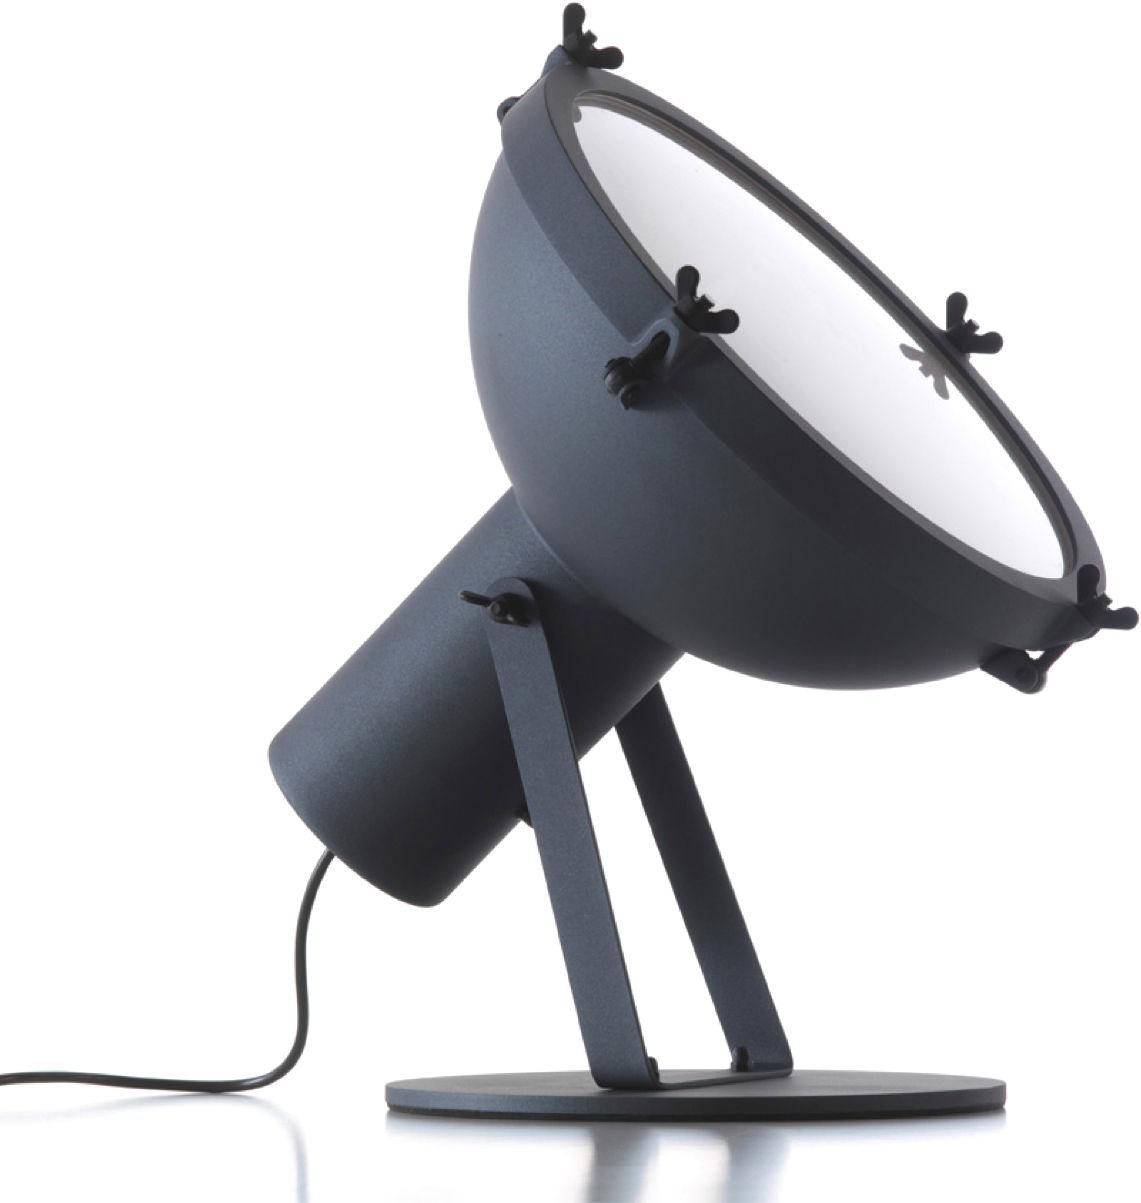 Illuminazione - Lampade da tavolo - Lampada da tavolo Projecteur 365 di Nemo - Esterno antracite - Interno bianco lucido - Alluminio, Vetro sabbiato